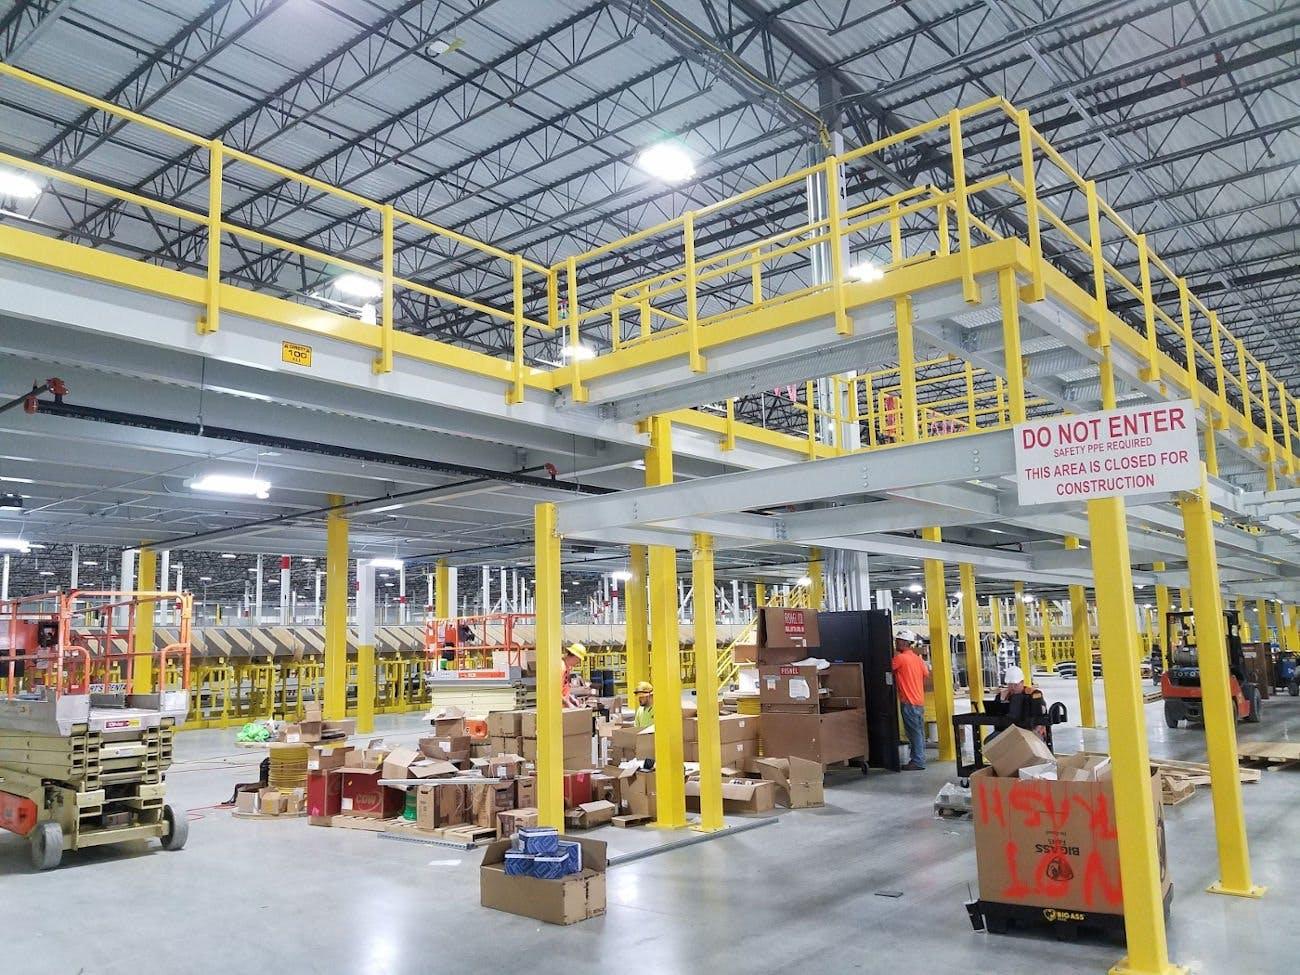 四个戴安全帽的人在工业运输仓库工作,用不锈钢平台和楼梯组织